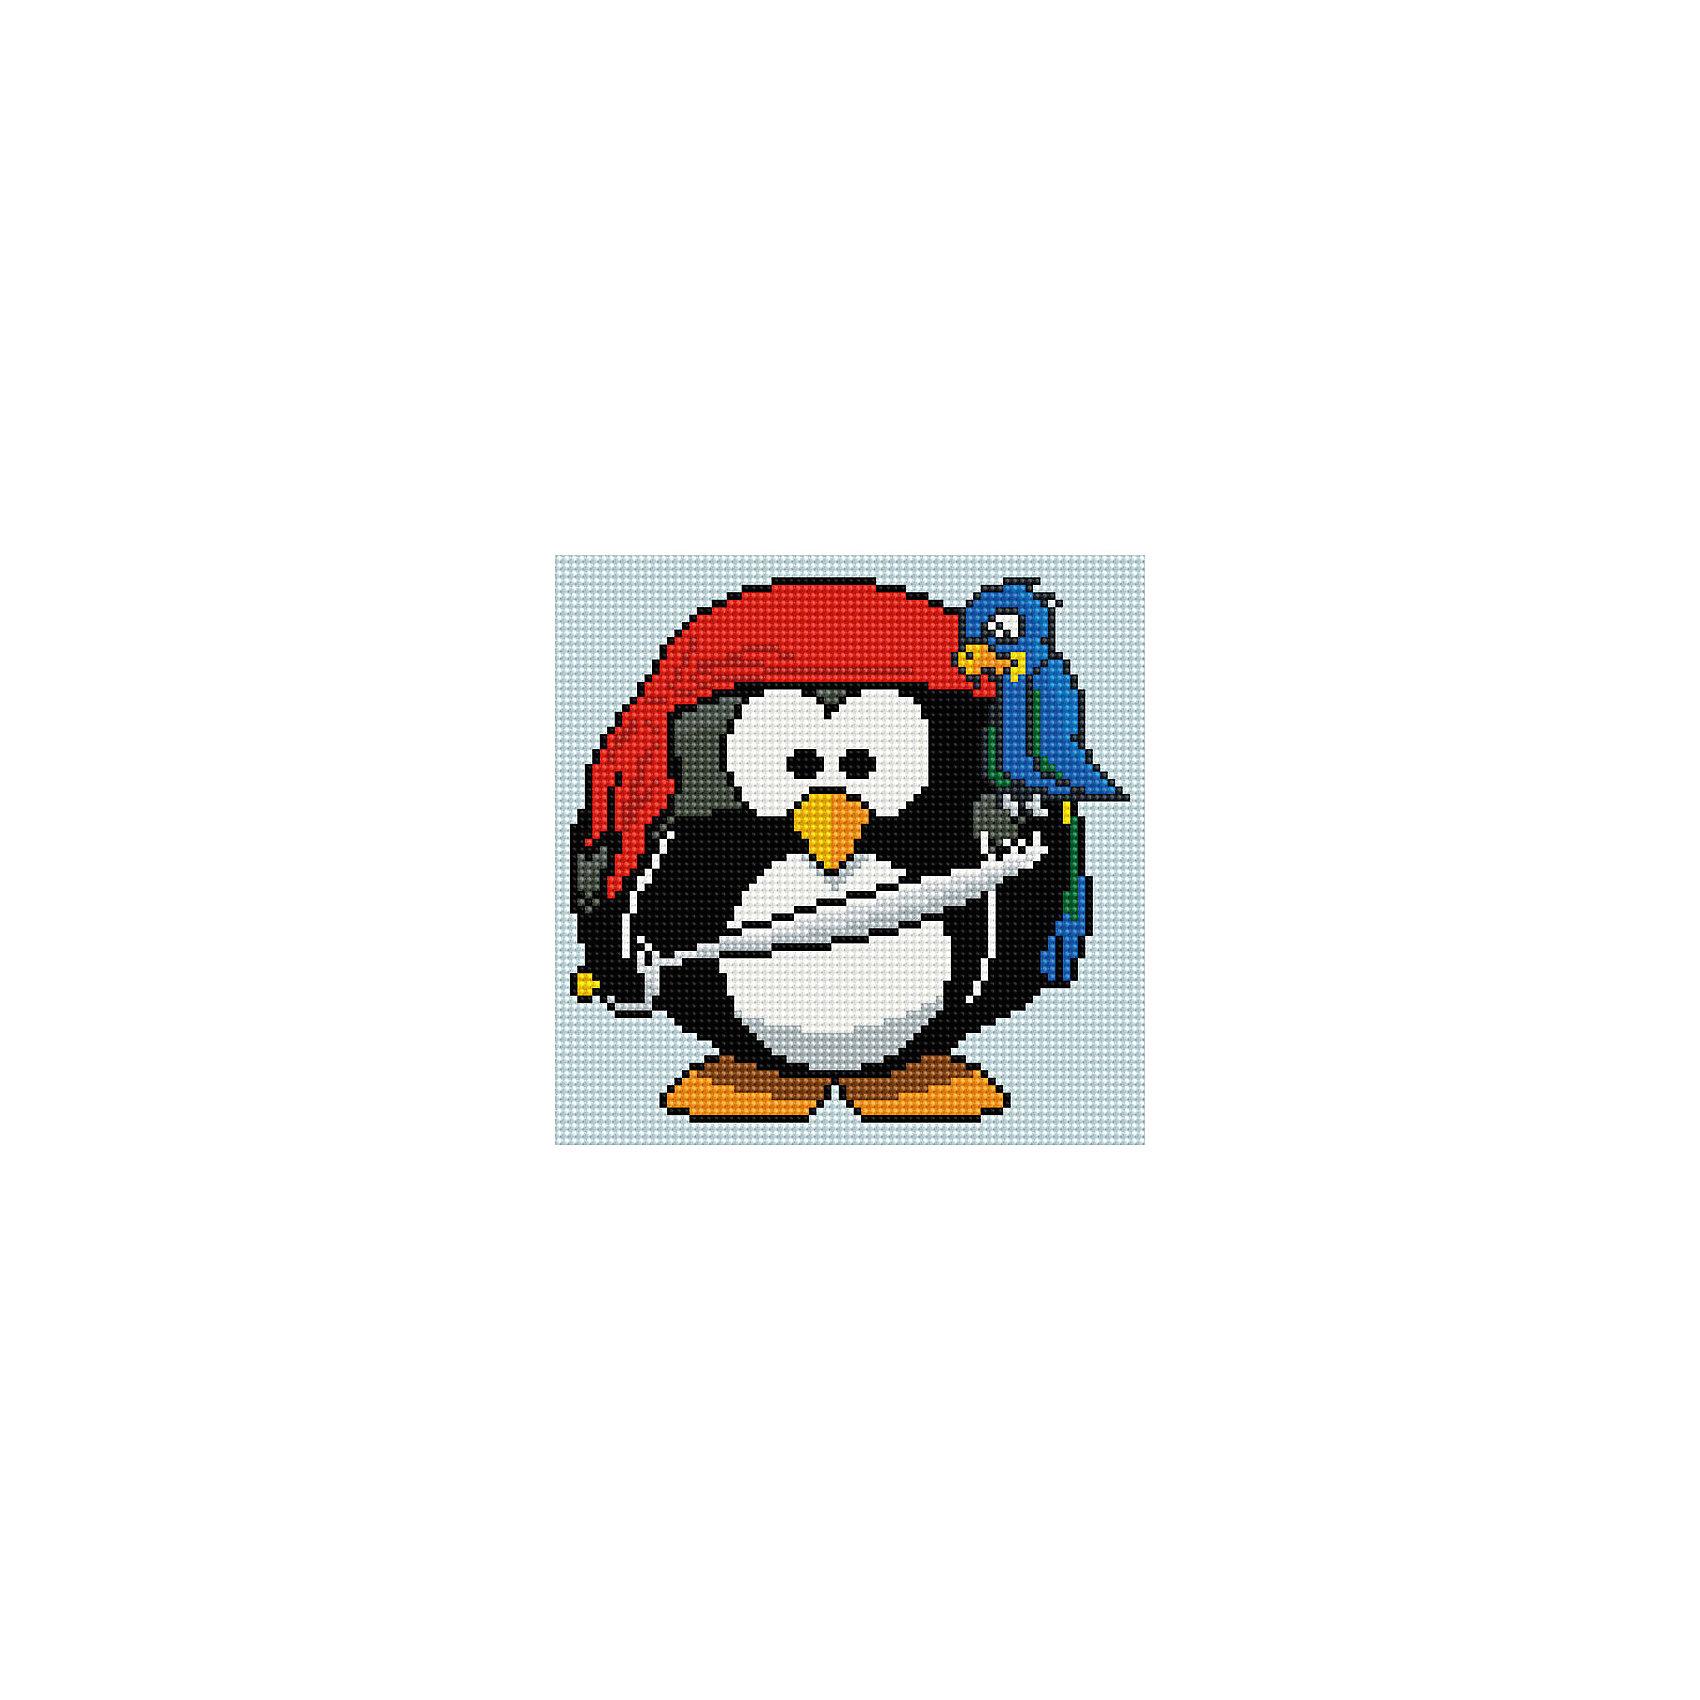 Алмазная мозаика по номерам Пингвин 20*20 см, на подрамникеМозаика<br>Алмазная мозаика по номерам Пингвин 20*20 см, на подрамнике от известного торгового бренда товаров для творчества TUKZAR предназначена для детей школьного возраста. Набор состоит из усиленного холста на подрамнике и набора декоратиных элементов для выкладывания узора. Узор заполняется по всей поверхности. Занятия с мозаикой будут способствовать развитию у вашего ребенка внимательности, усидчивости, умению действовать по образцу. Созданные в технике мозаики от TUKZAR декоративные картины можно использовать для оформления интерьера или в качестве подарка родным и близким к любому празднику.<br><br>Дополнительная информация:<br><br>- Предназначение: для занятий художественным творчеством, для развивающих занятий<br>- Пол: универсальный<br>- Материал: текстиль, ПВХ<br>- Комплектация: холст на подрамнике, элементы для выкладывания рисунка<br>- Размеры (Ш*В): 20*20 см<br><br>Подробнее:<br><br>• Для детей в возрасте: от 7 лет <br>• Страна производитель: Китай<br>• Торговый бренд: TUKZAR<br><br>Алмазную мозаику по номерам Пингвин 20*20 см, на подрамнике можно купить в нашем интернет-магазине.<br><br>Ширина мм: 200<br>Глубина мм: 200<br>Высота мм: 20<br>Вес г: 500<br>Возраст от месяцев: 60<br>Возраст до месяцев: 2147483647<br>Пол: Унисекс<br>Возраст: Детский<br>SKU: 5001460